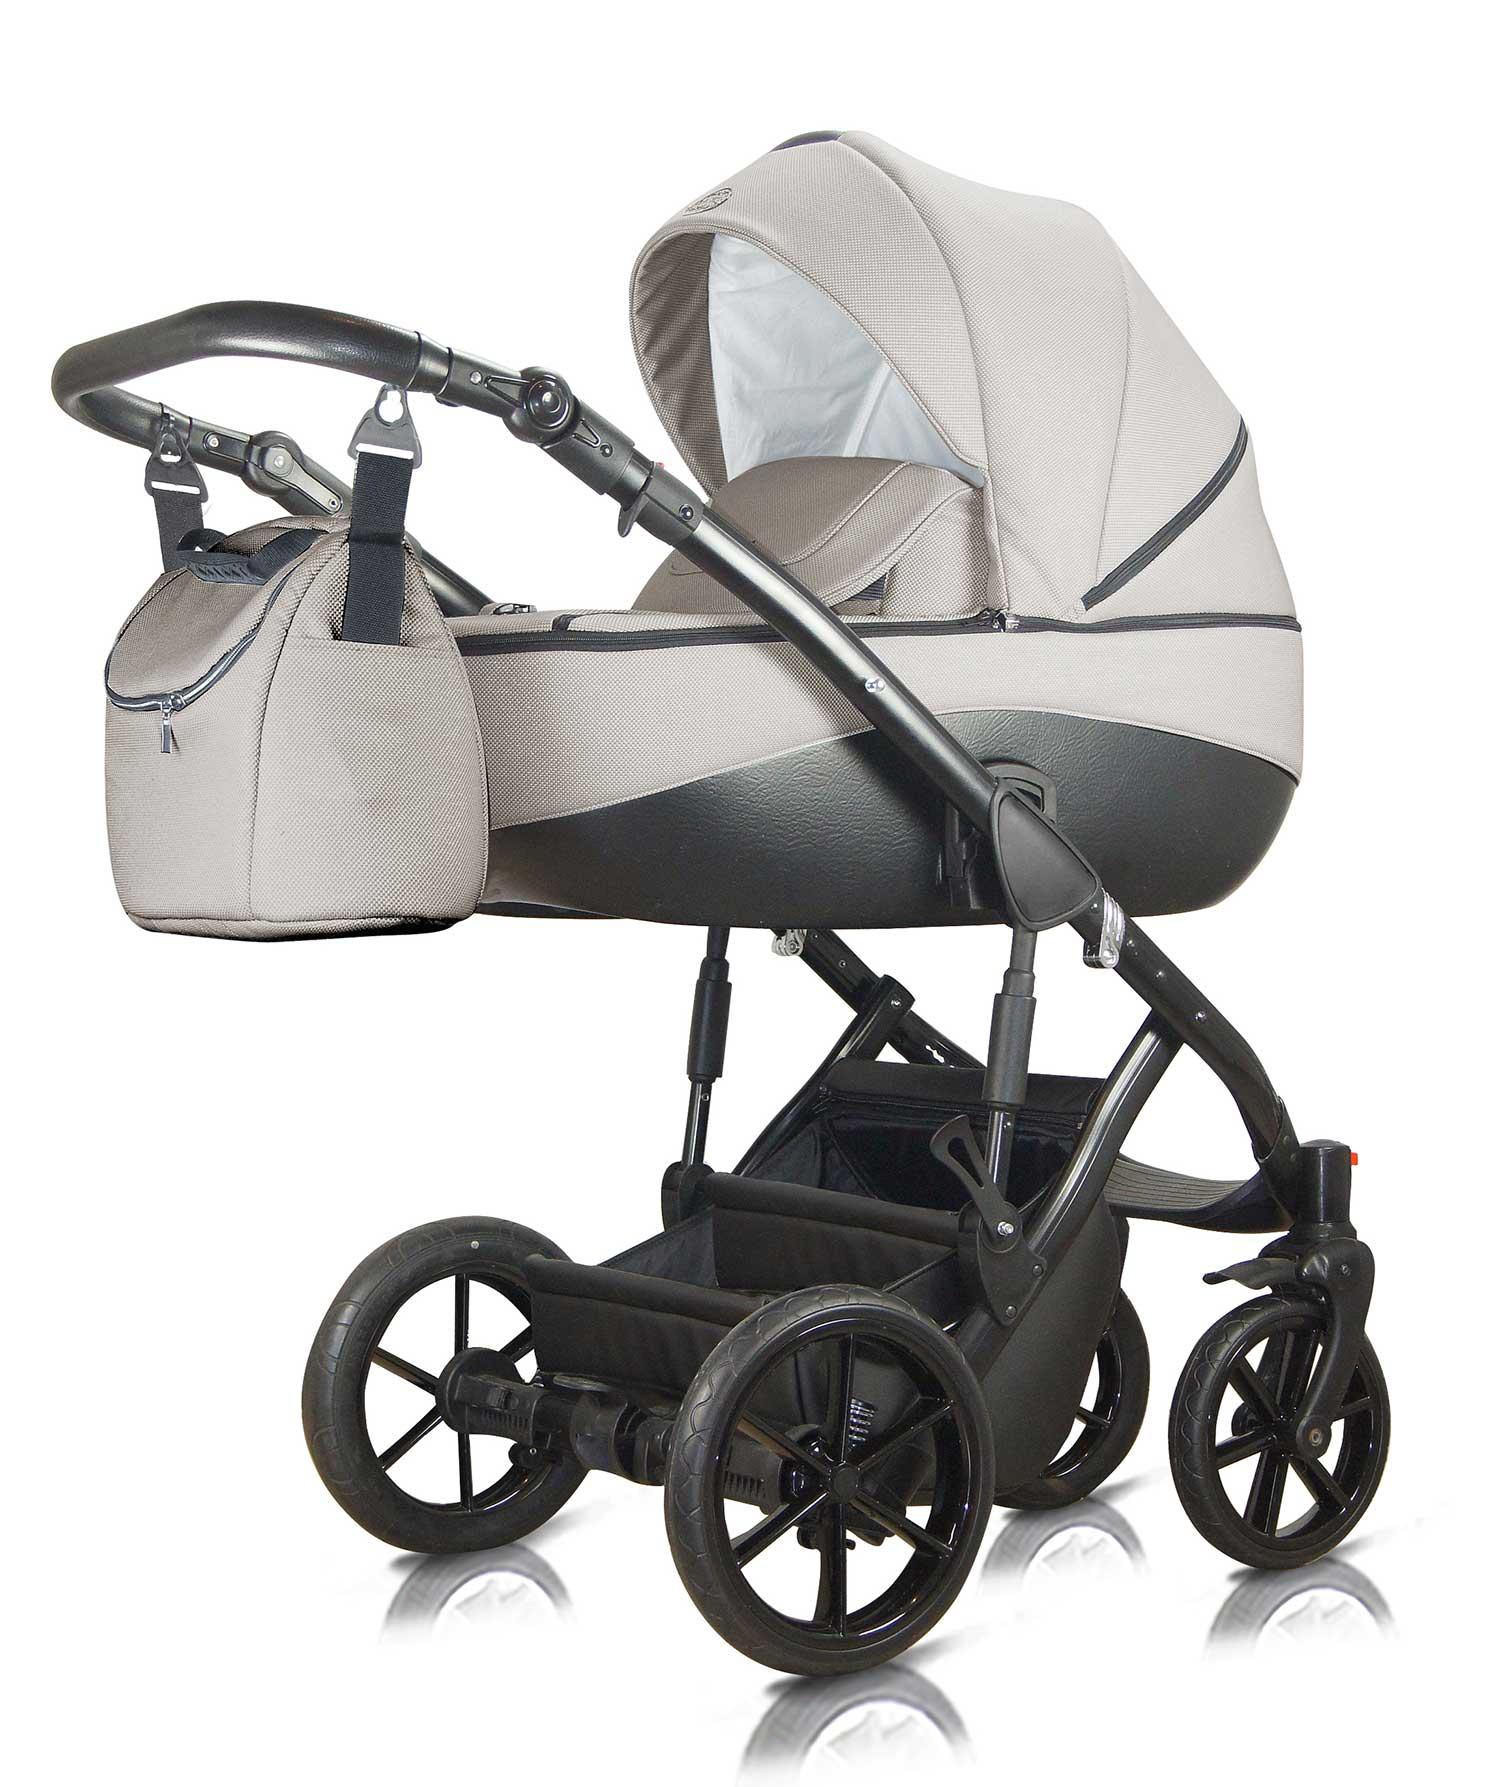 Milu Kids Bacio szary wózek dziecięcy